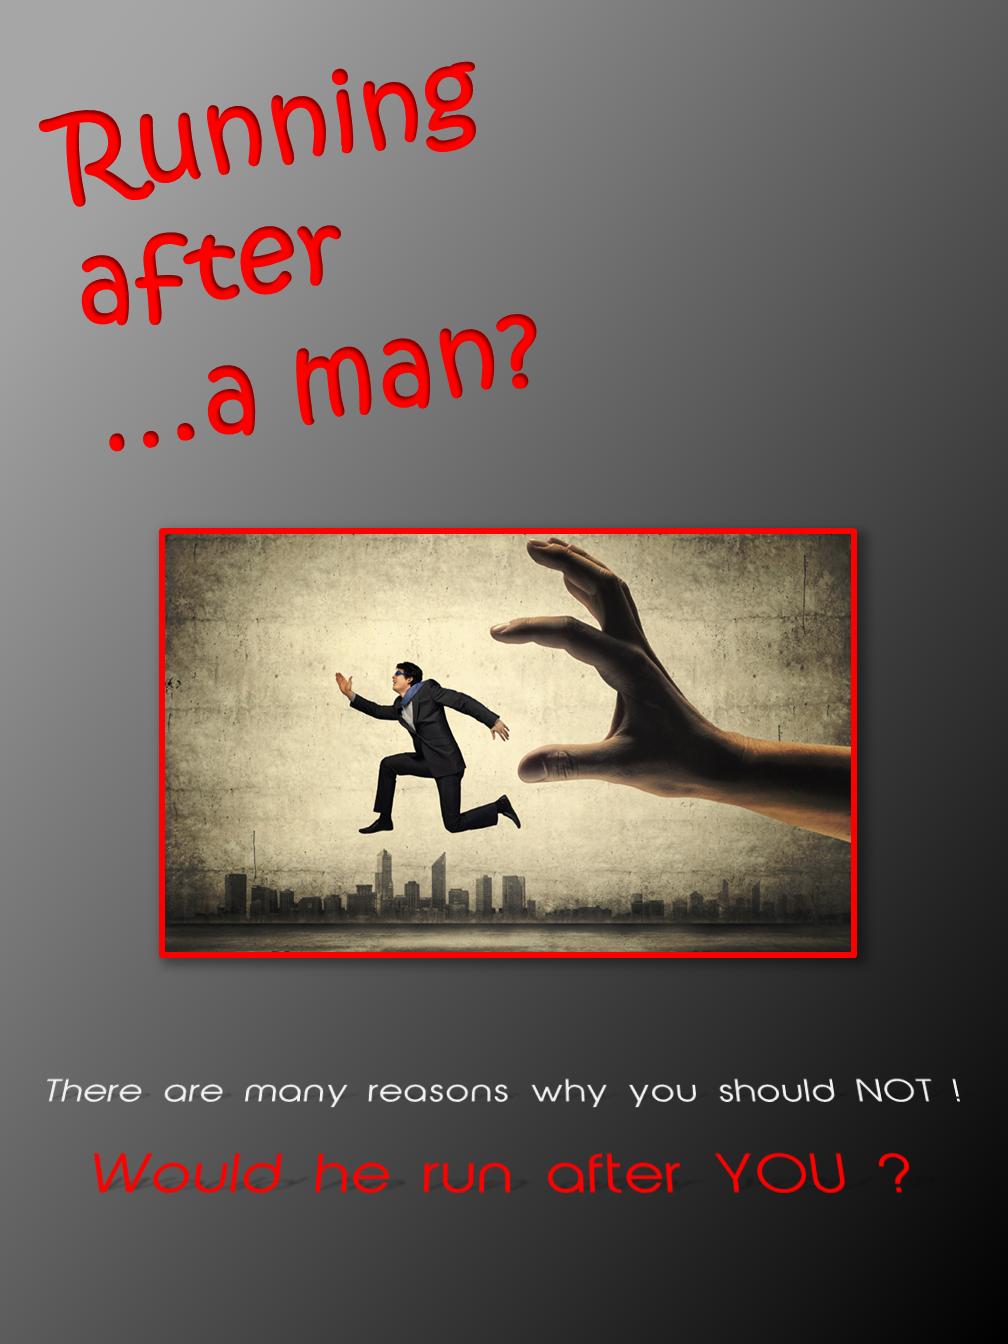 After a Man?